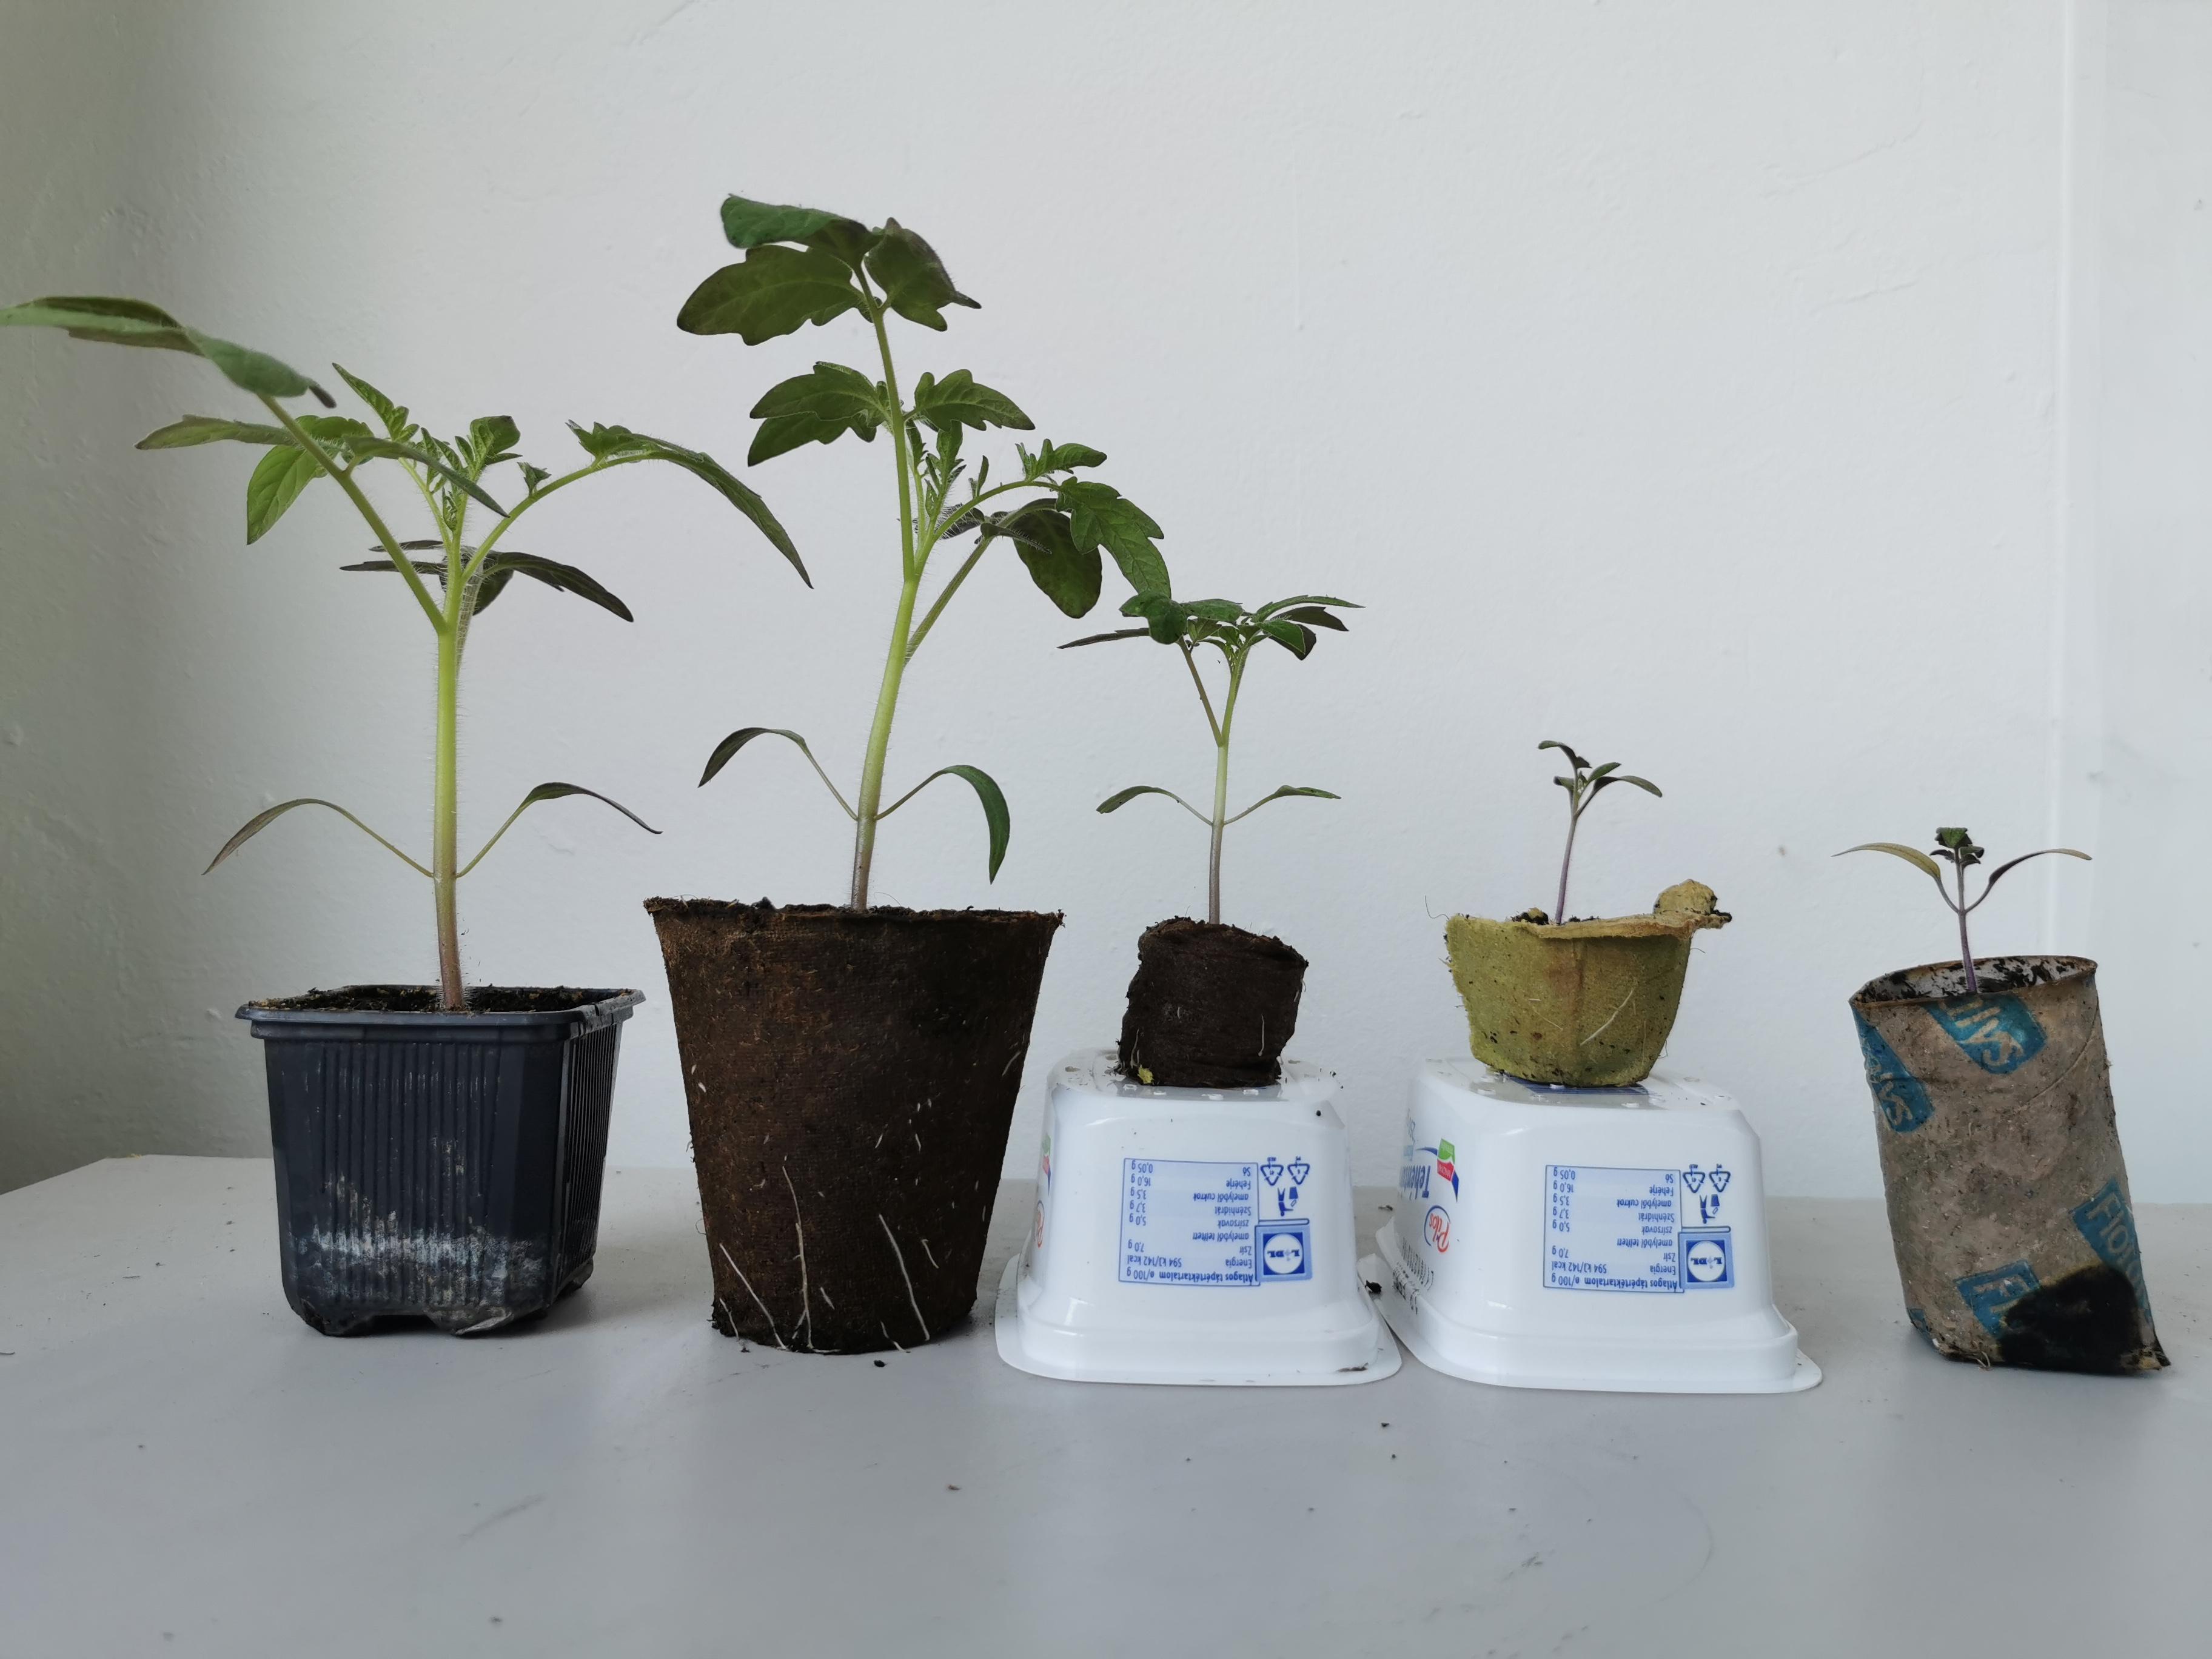 Miben nő a legjobban a paradicsom palánta? - Olvasói kísérlet a tőzegcseréptől, WC-gurigán át a műanyag pohárig